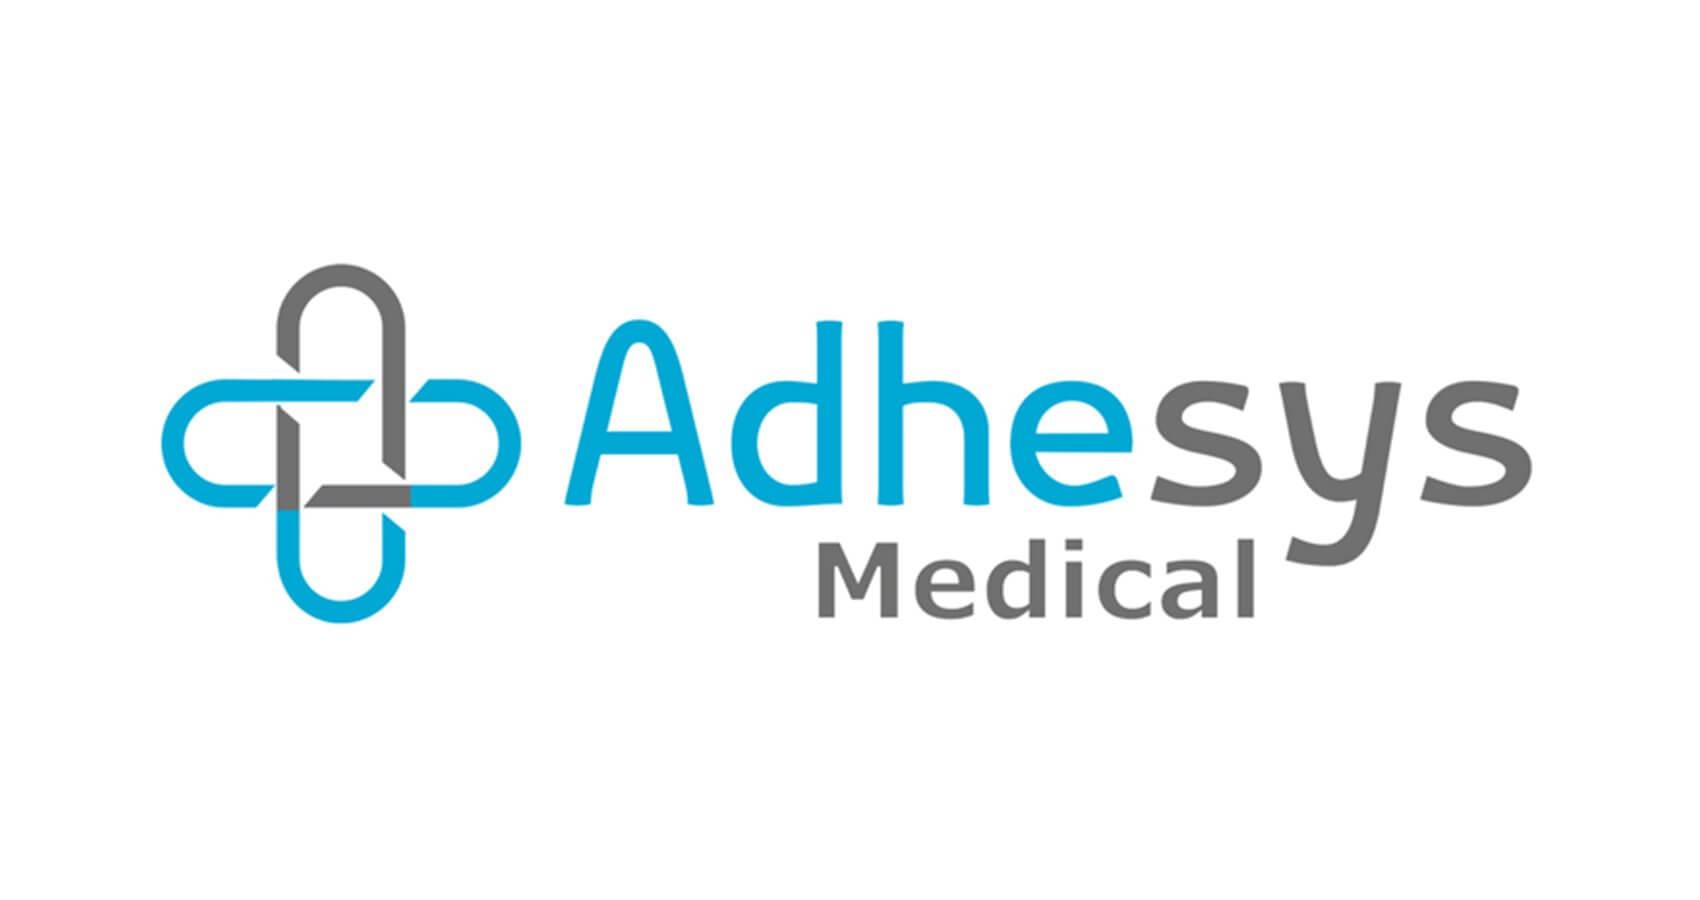 Adhesys Medical's new logo